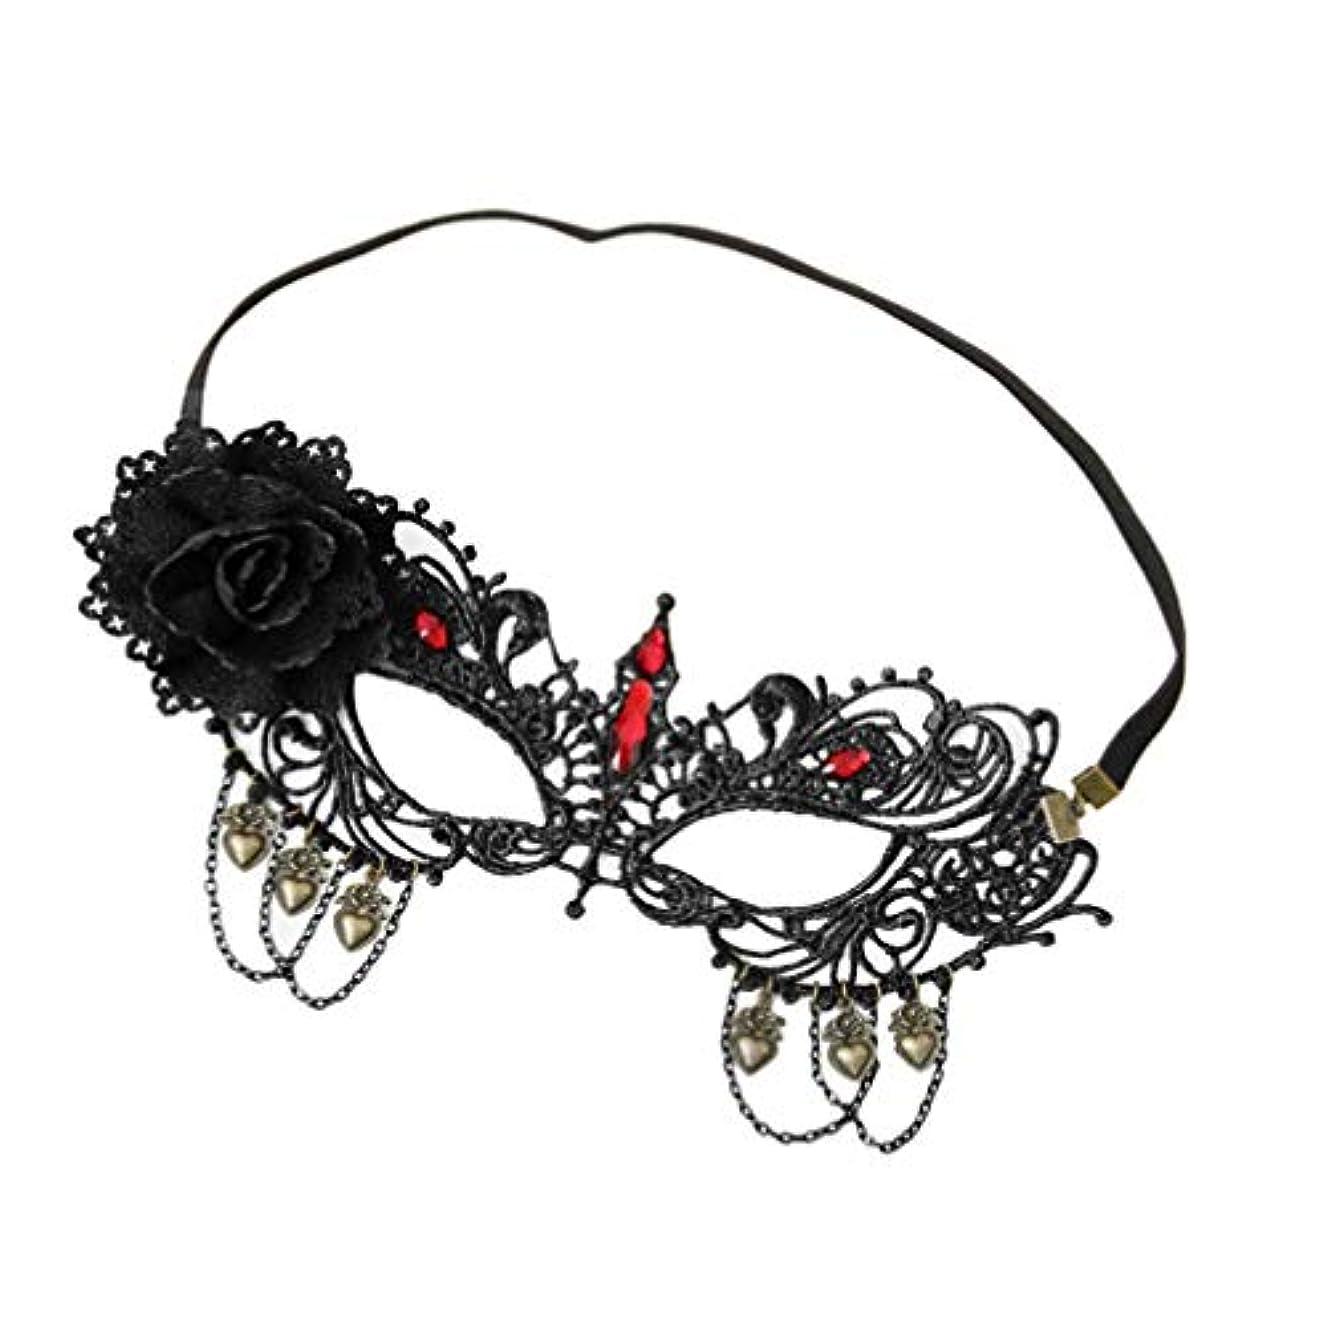 縫い目誠意野ウサギSUPVOX ラインストーン付きレースハーフフェイスマスクマスカレードパーティー仮装衣装ハロウィンのための花の調節可能なカットアウト